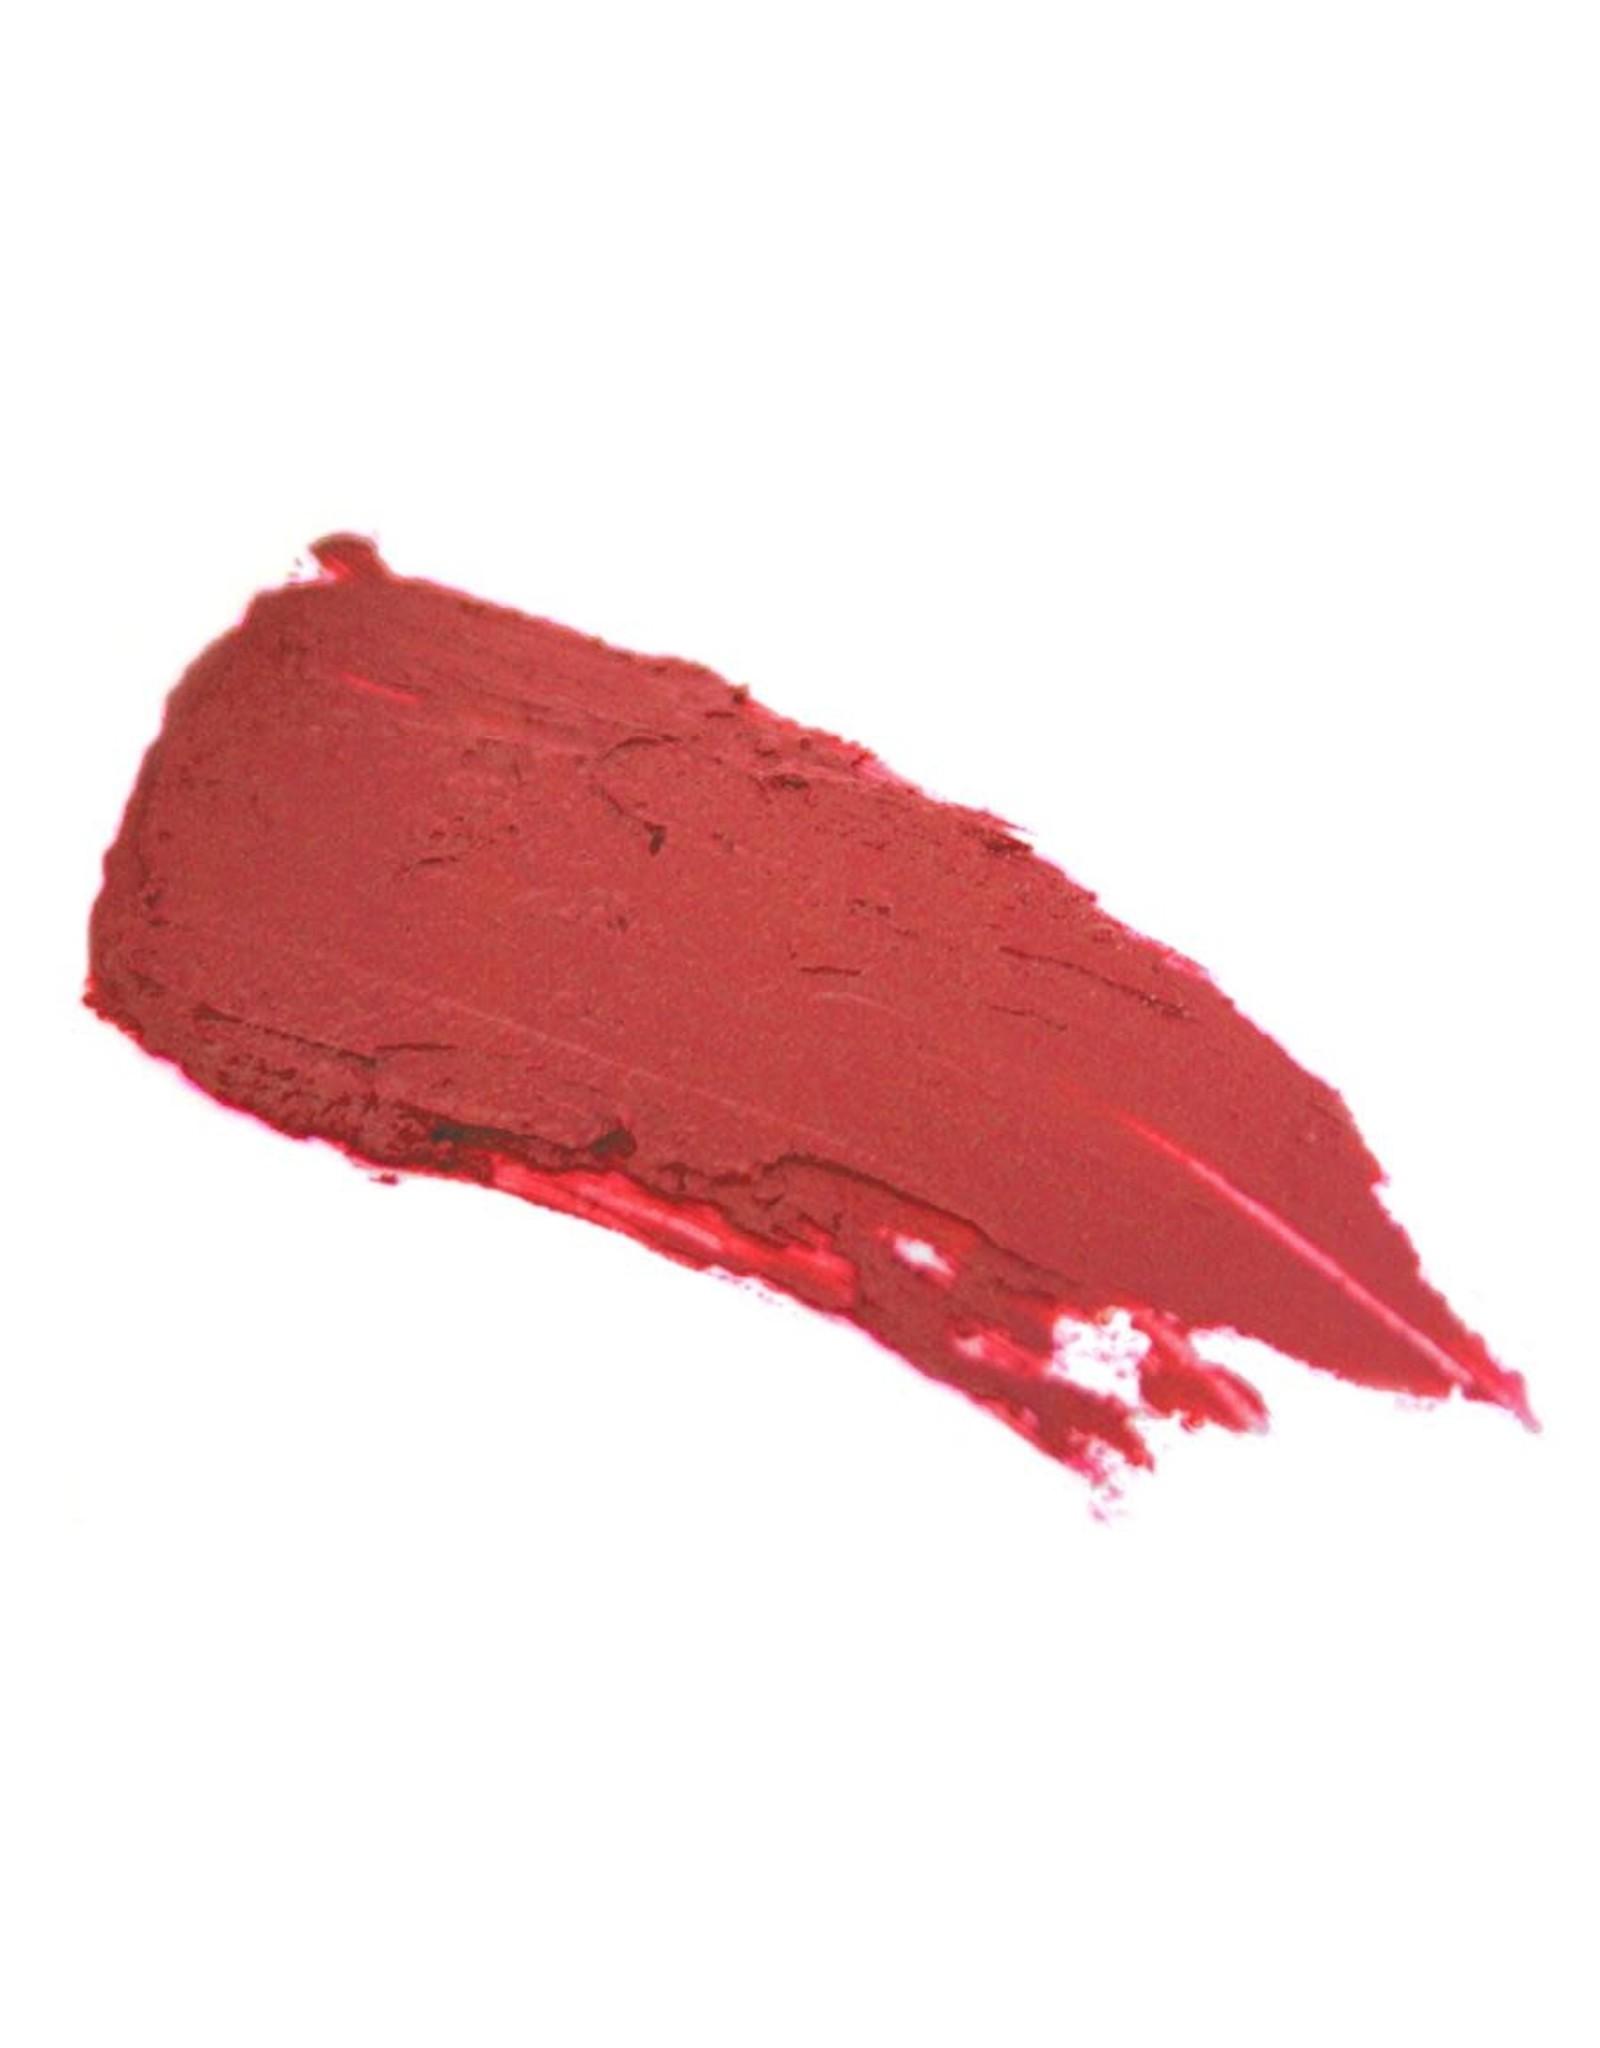 Elate Cosmetics Elate Creme Lipstick - Brazen